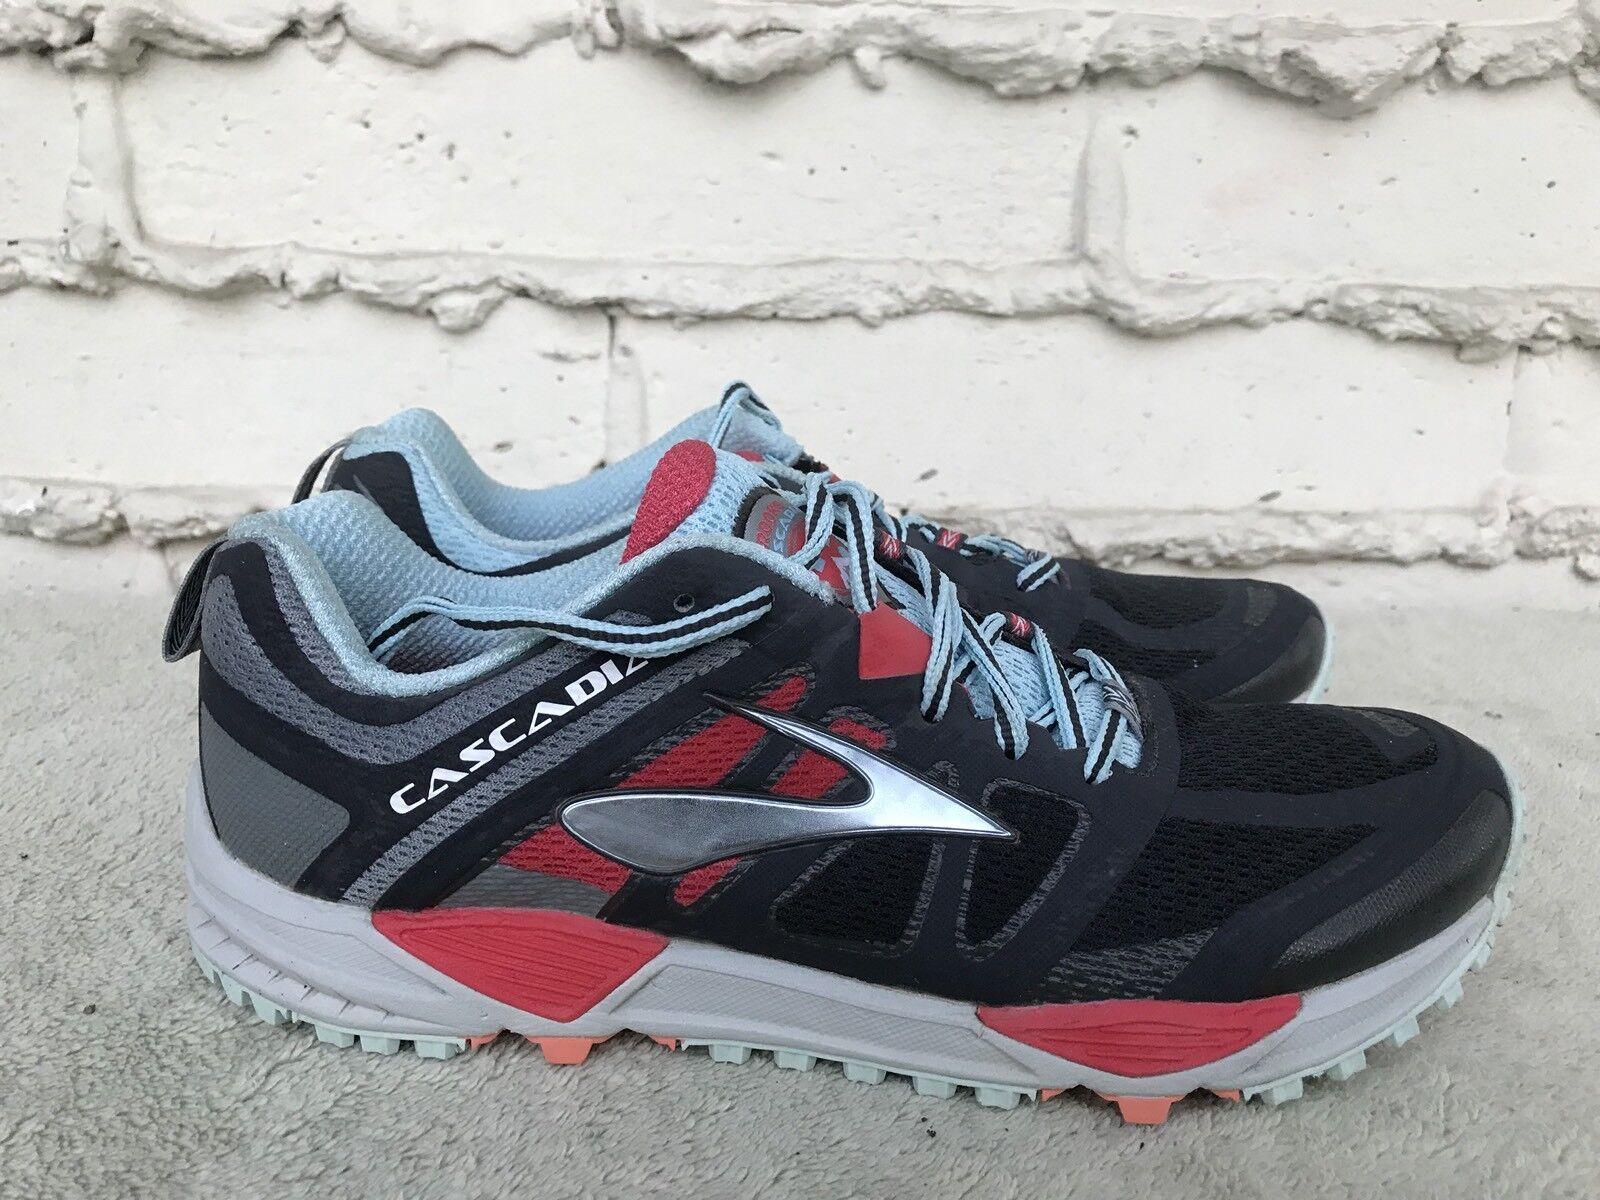 mint brooks cascadia 11 trail chaussures femmes gray noir - rouge - femmes chaussures est nous 11b 3c2542